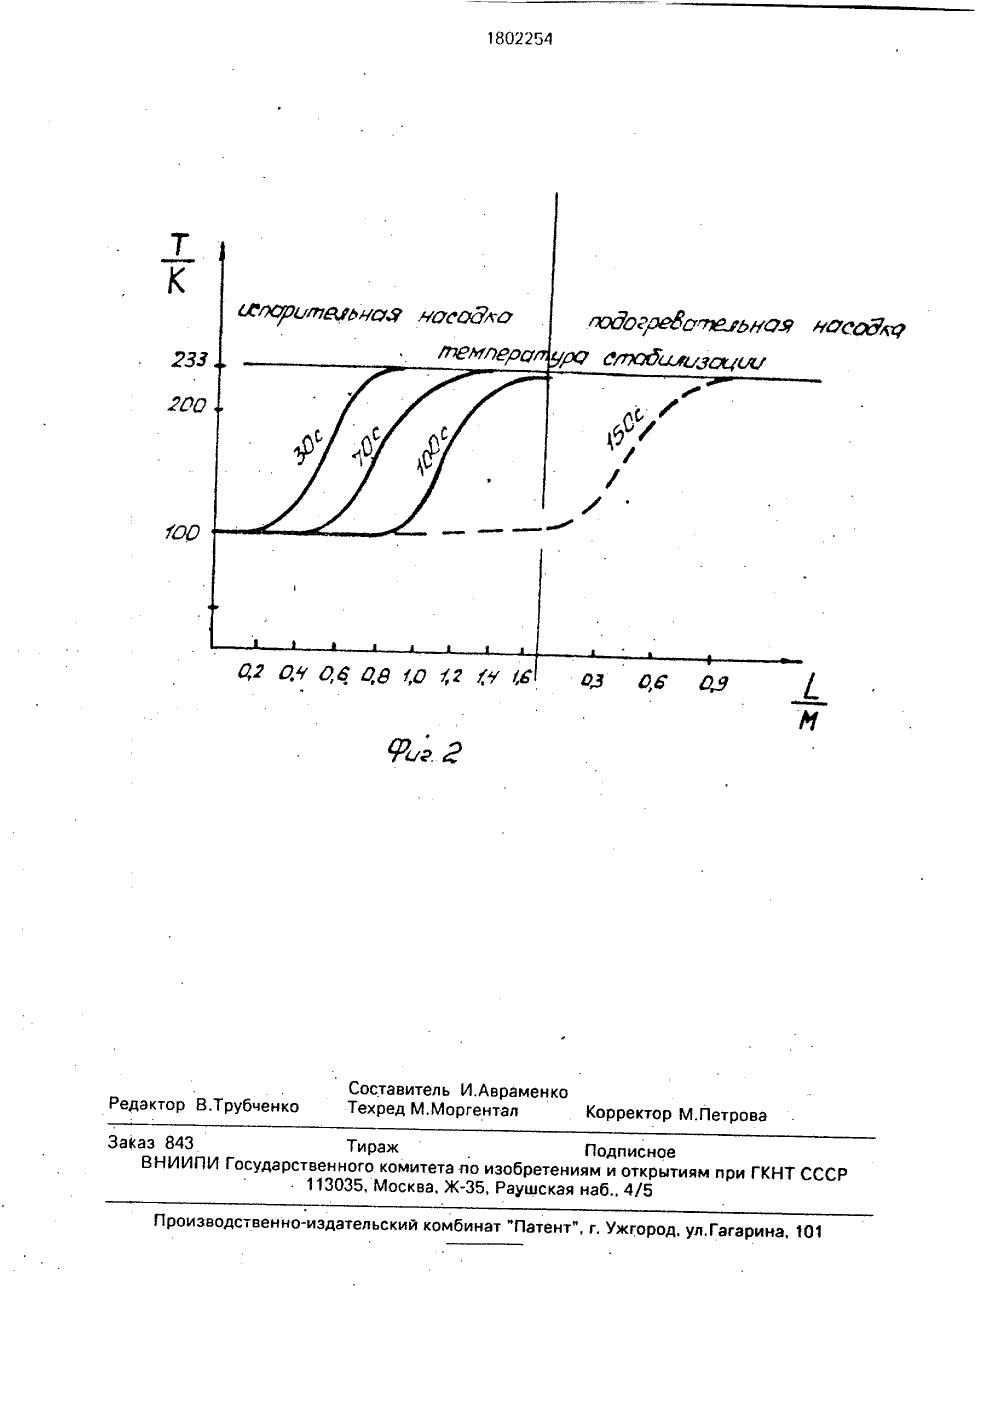 Регенеративный теплообменник определение Кожухотрубный теплообменник Alfa Laval VLR7x33/129-6,0 Юрга